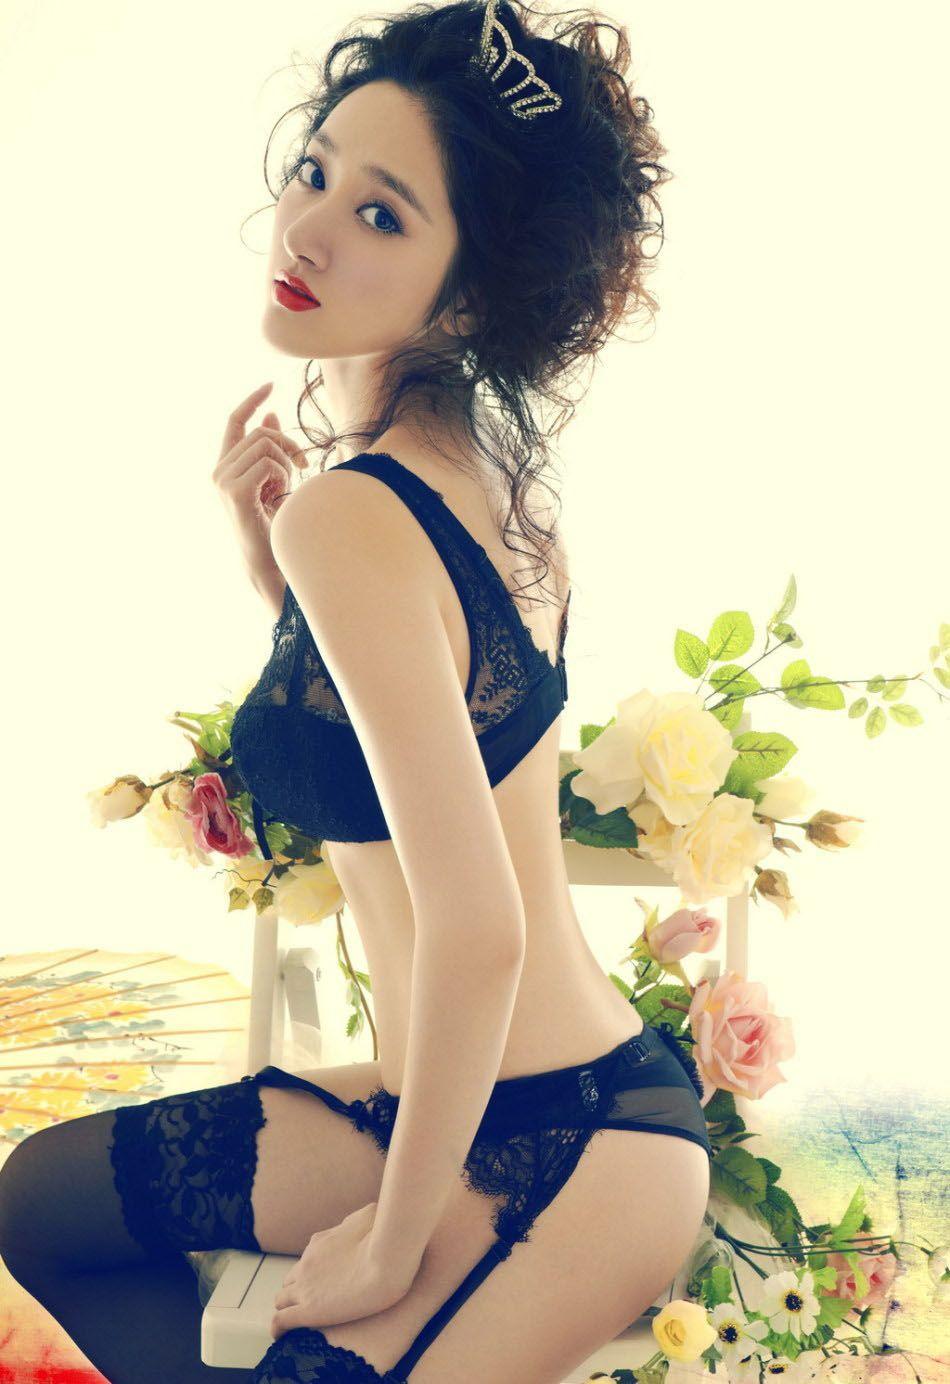 高清图:极致诱惑 黑色蕾丝内衣释放致命魅力